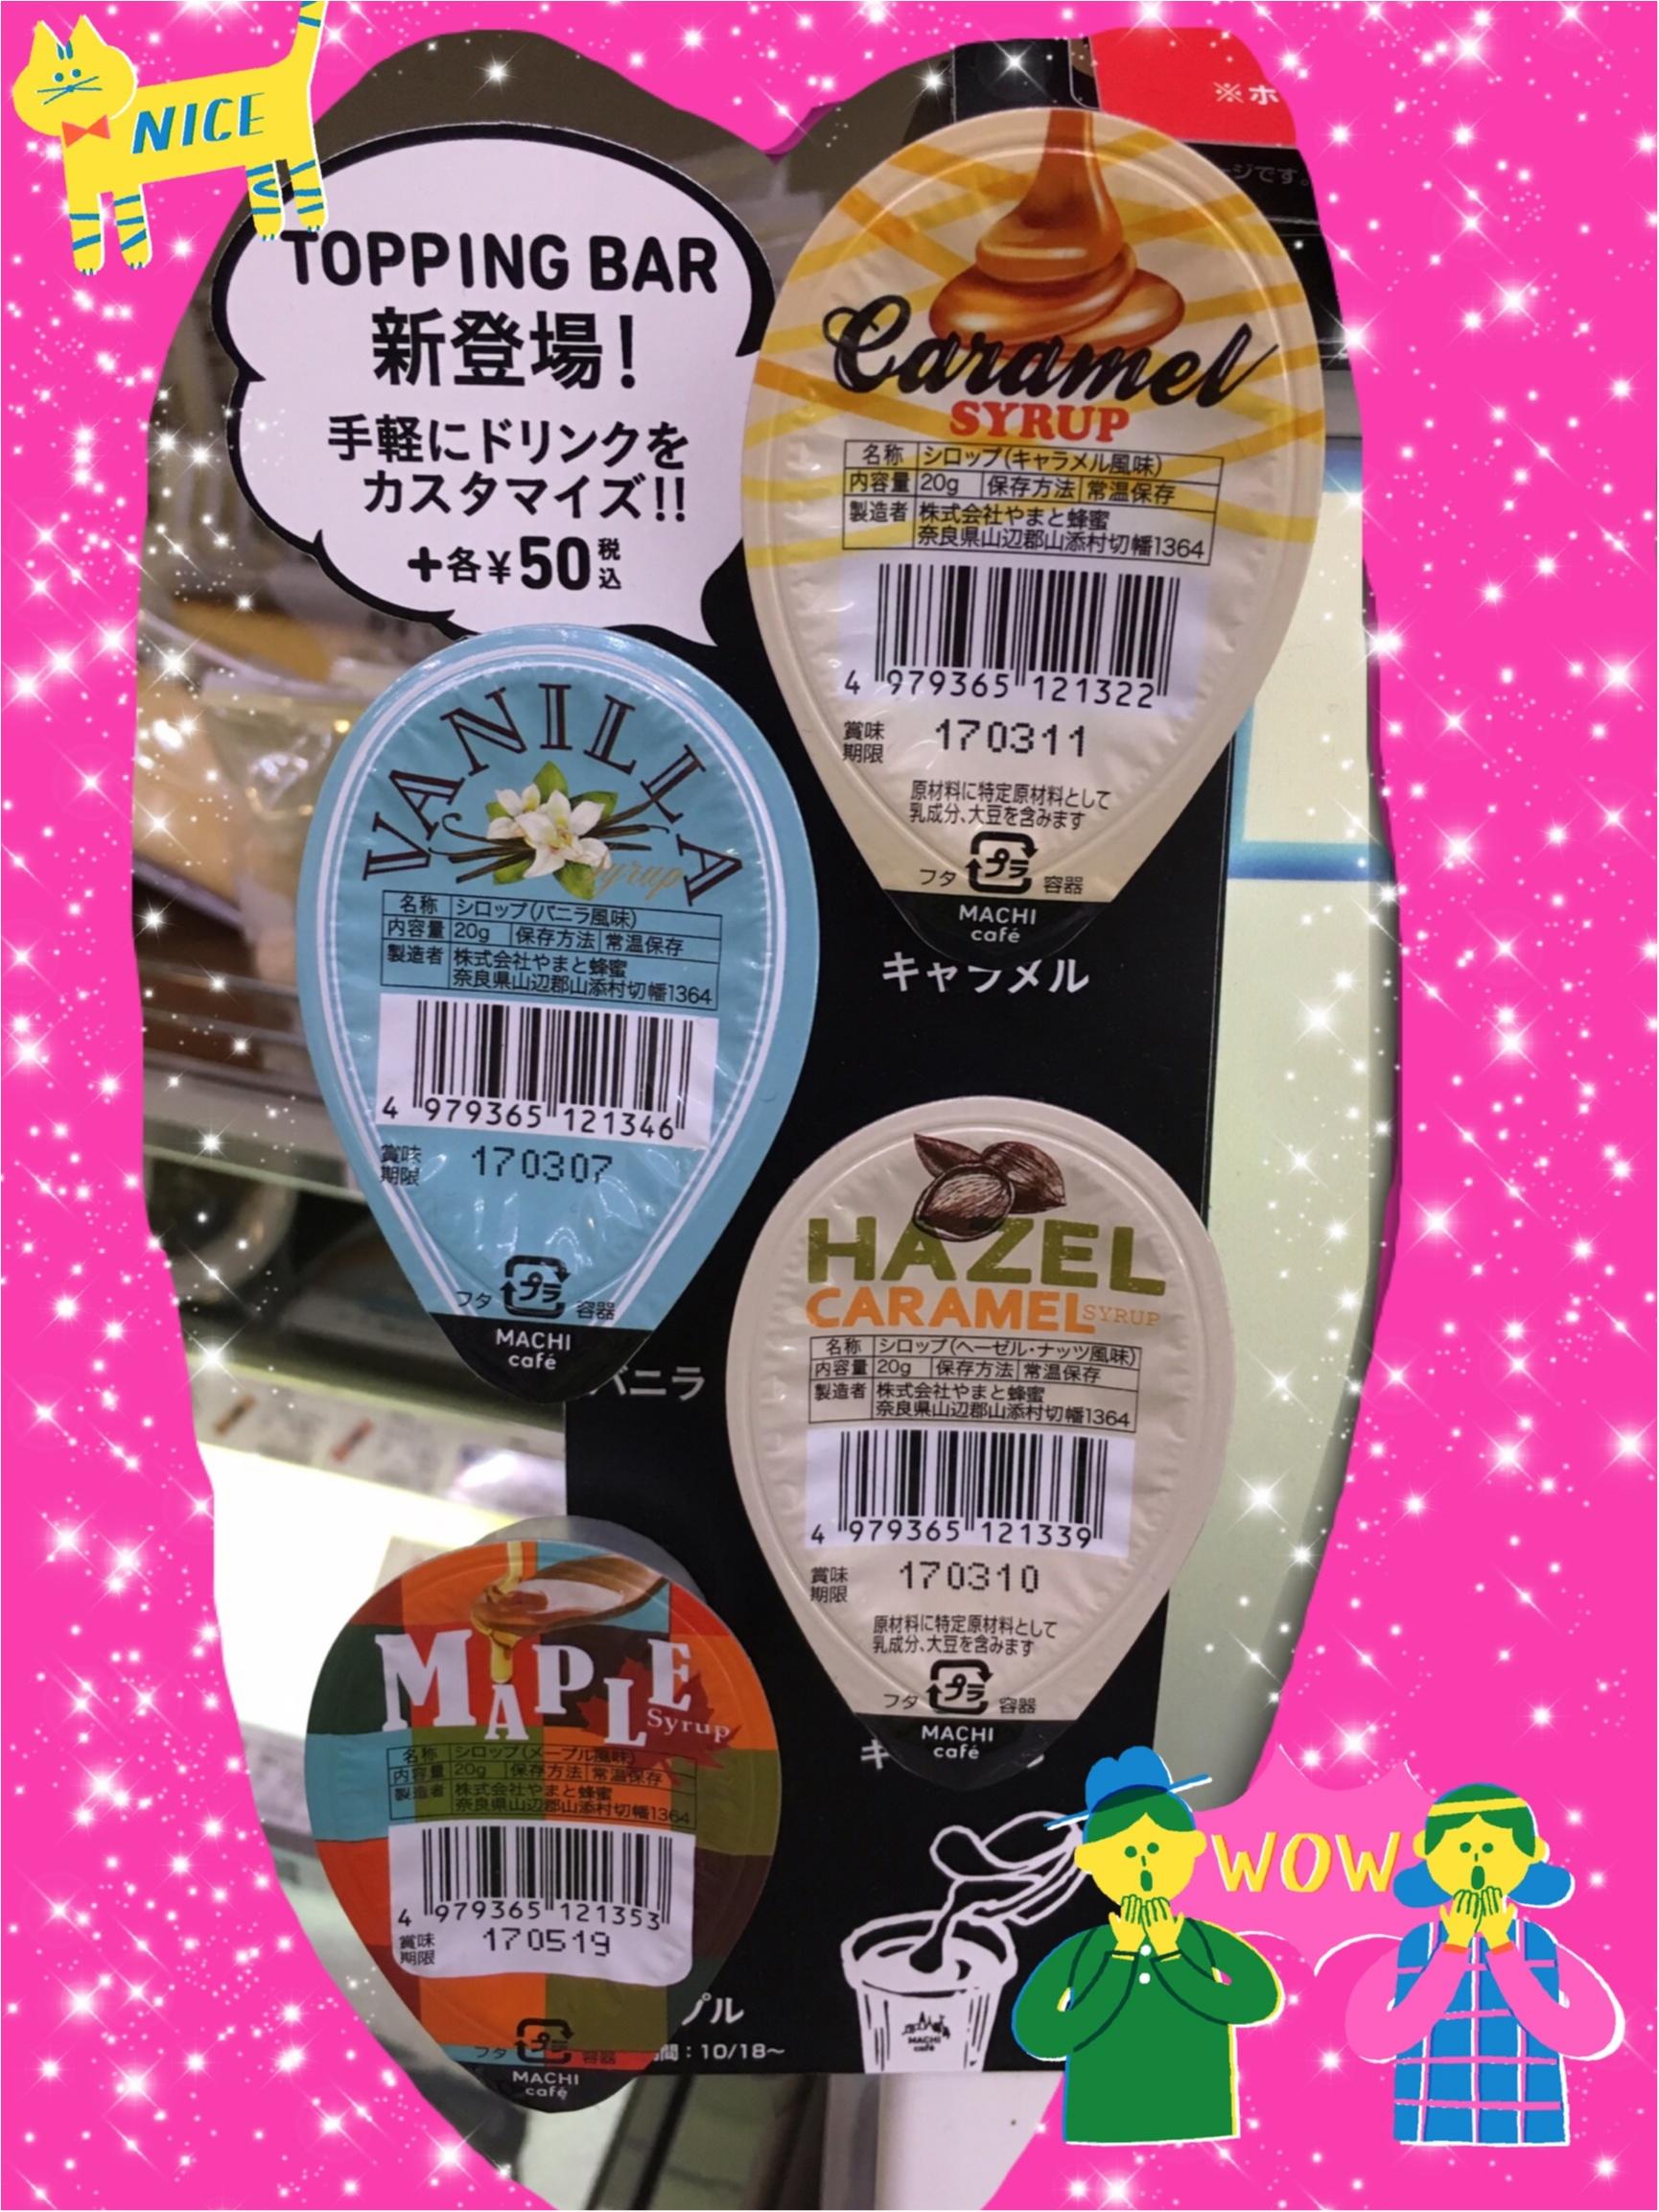 ☺︎♡小腹が空いた時にも◎、ミルクたっぷりコンビニのカフェラテ♡新発売!!限定だらけのシロップも✨_3